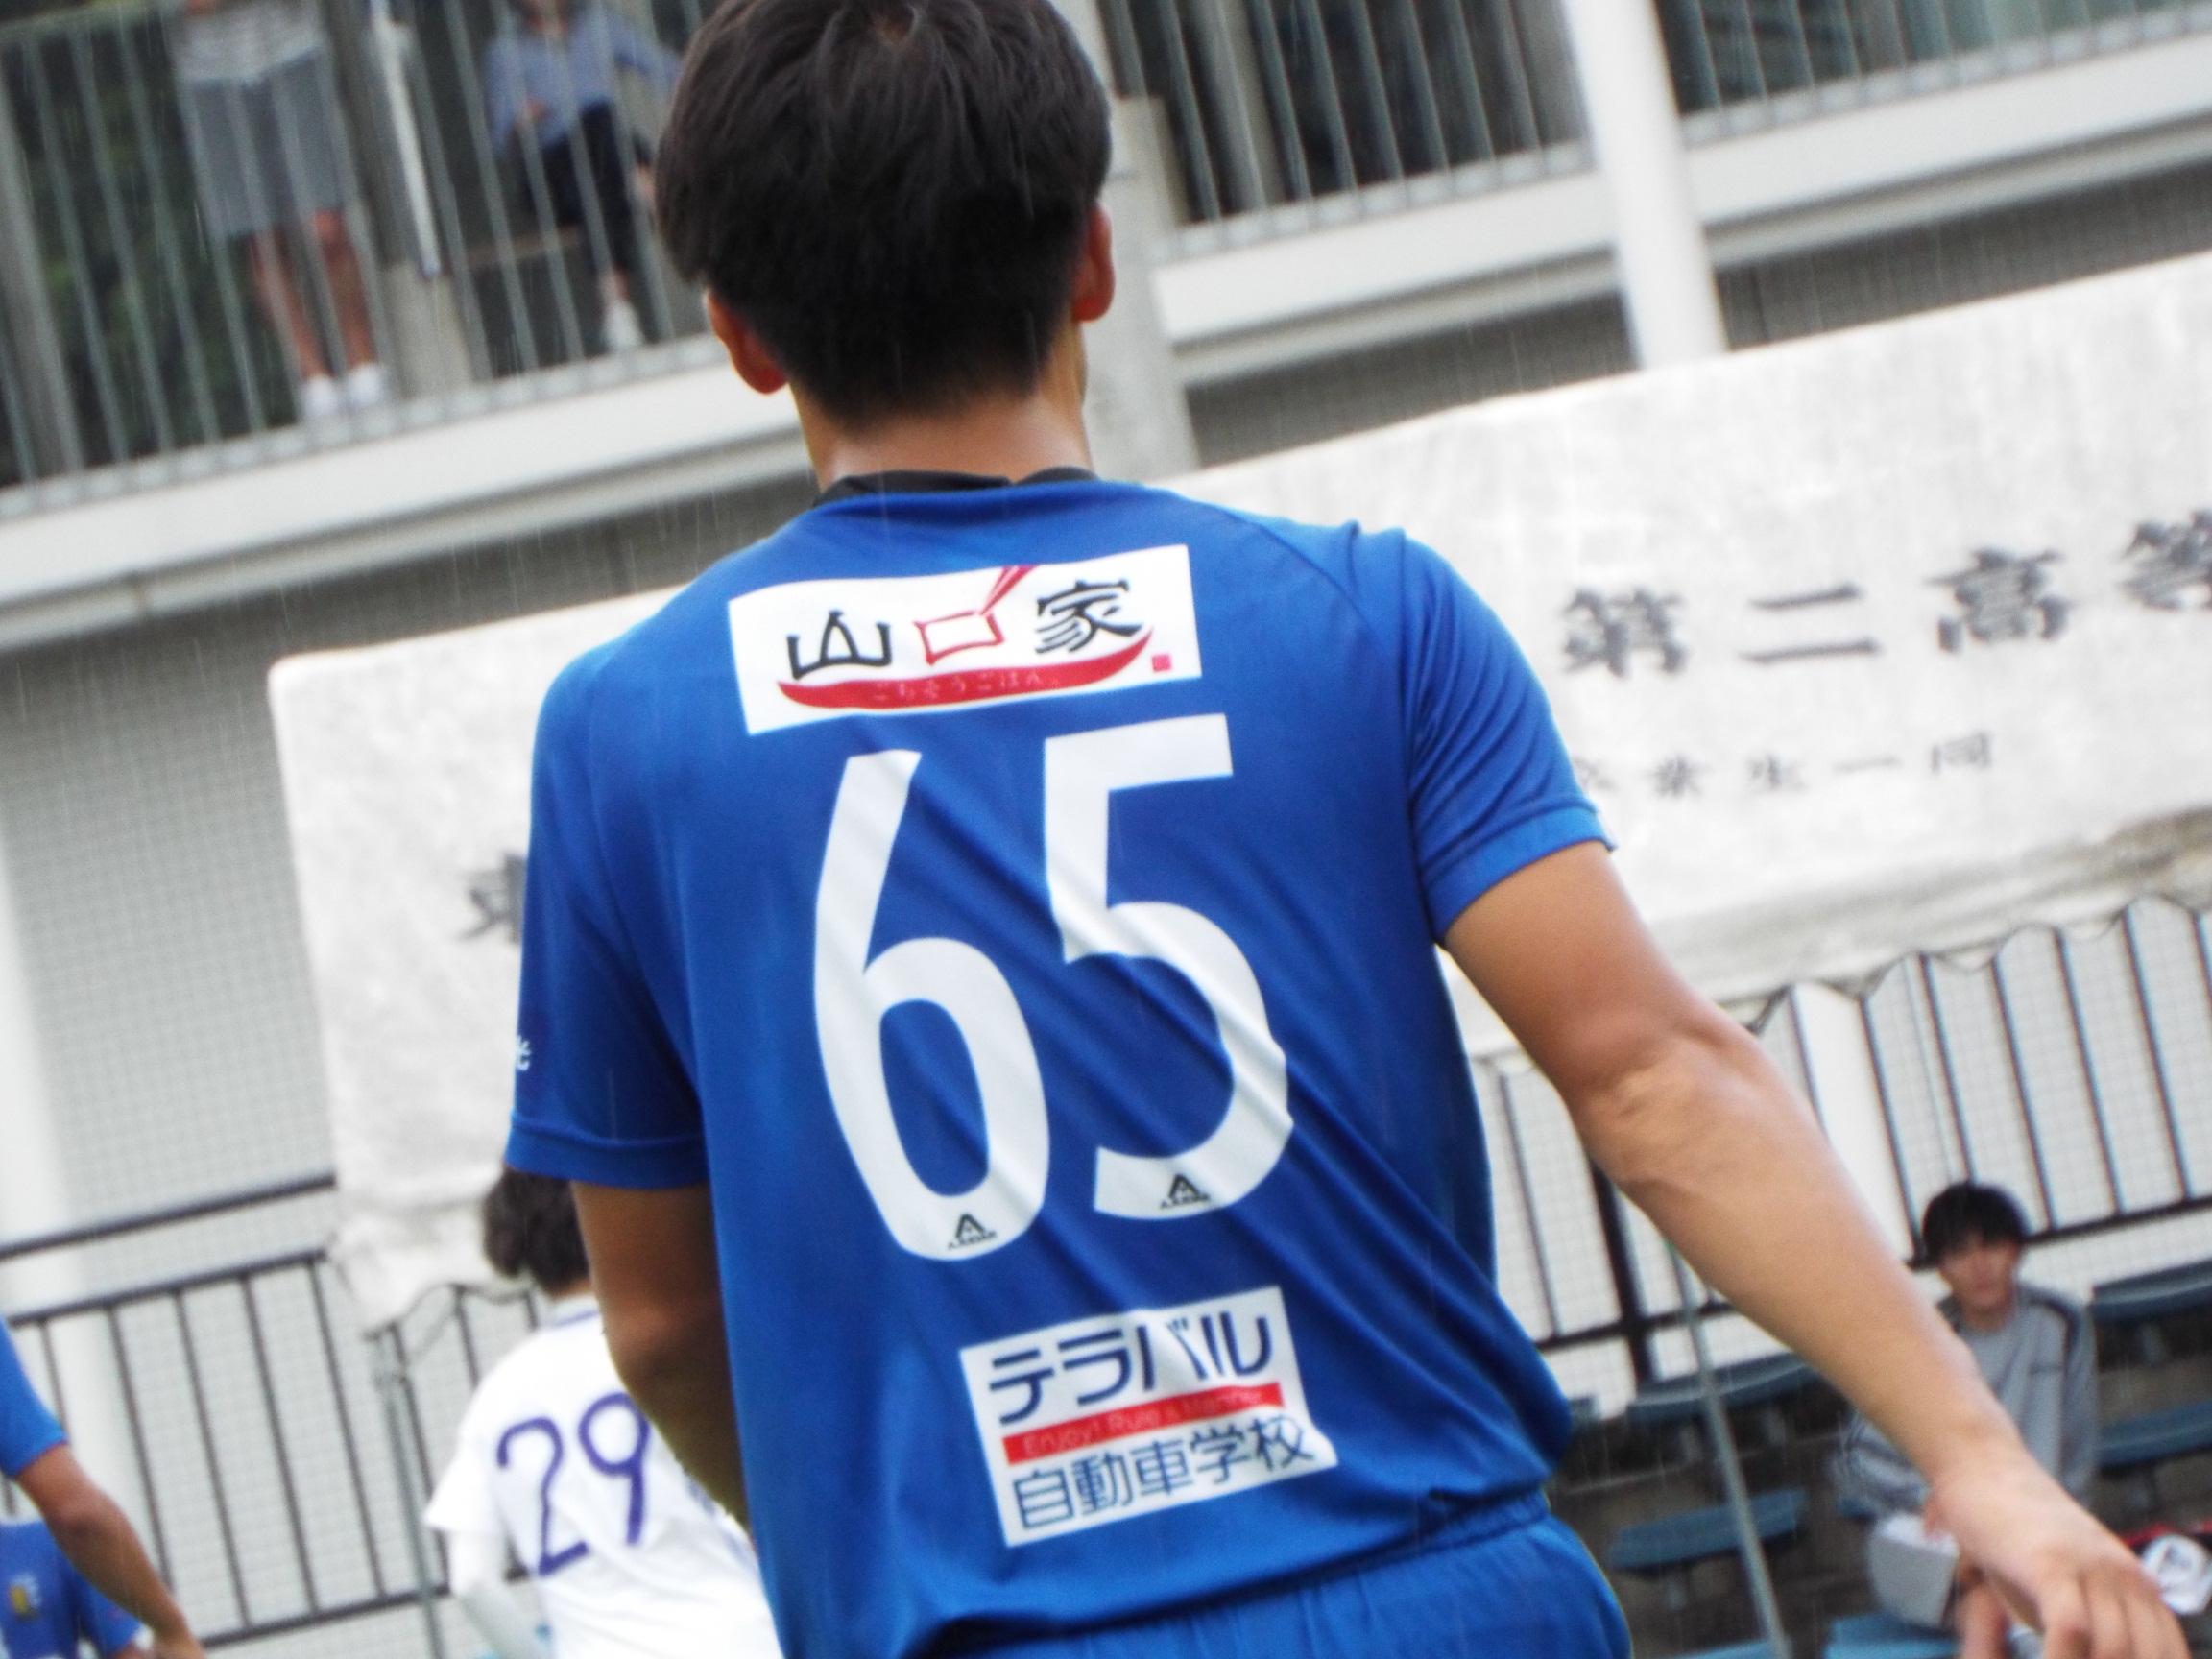 DSCF5713